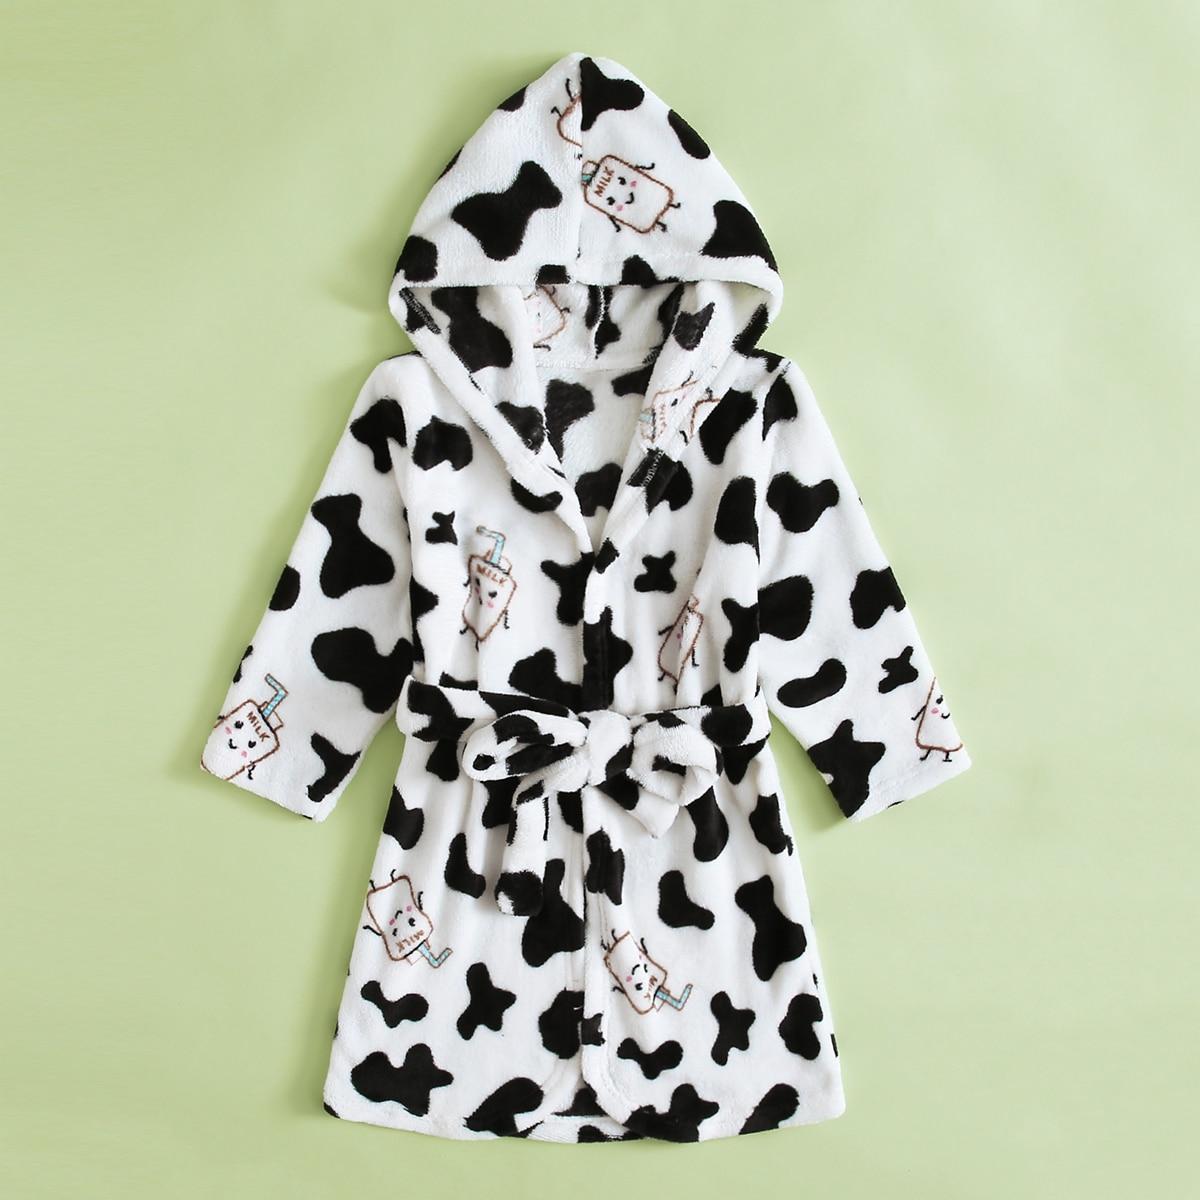 Фланелевый халат с коровьим принтом для мальчиков